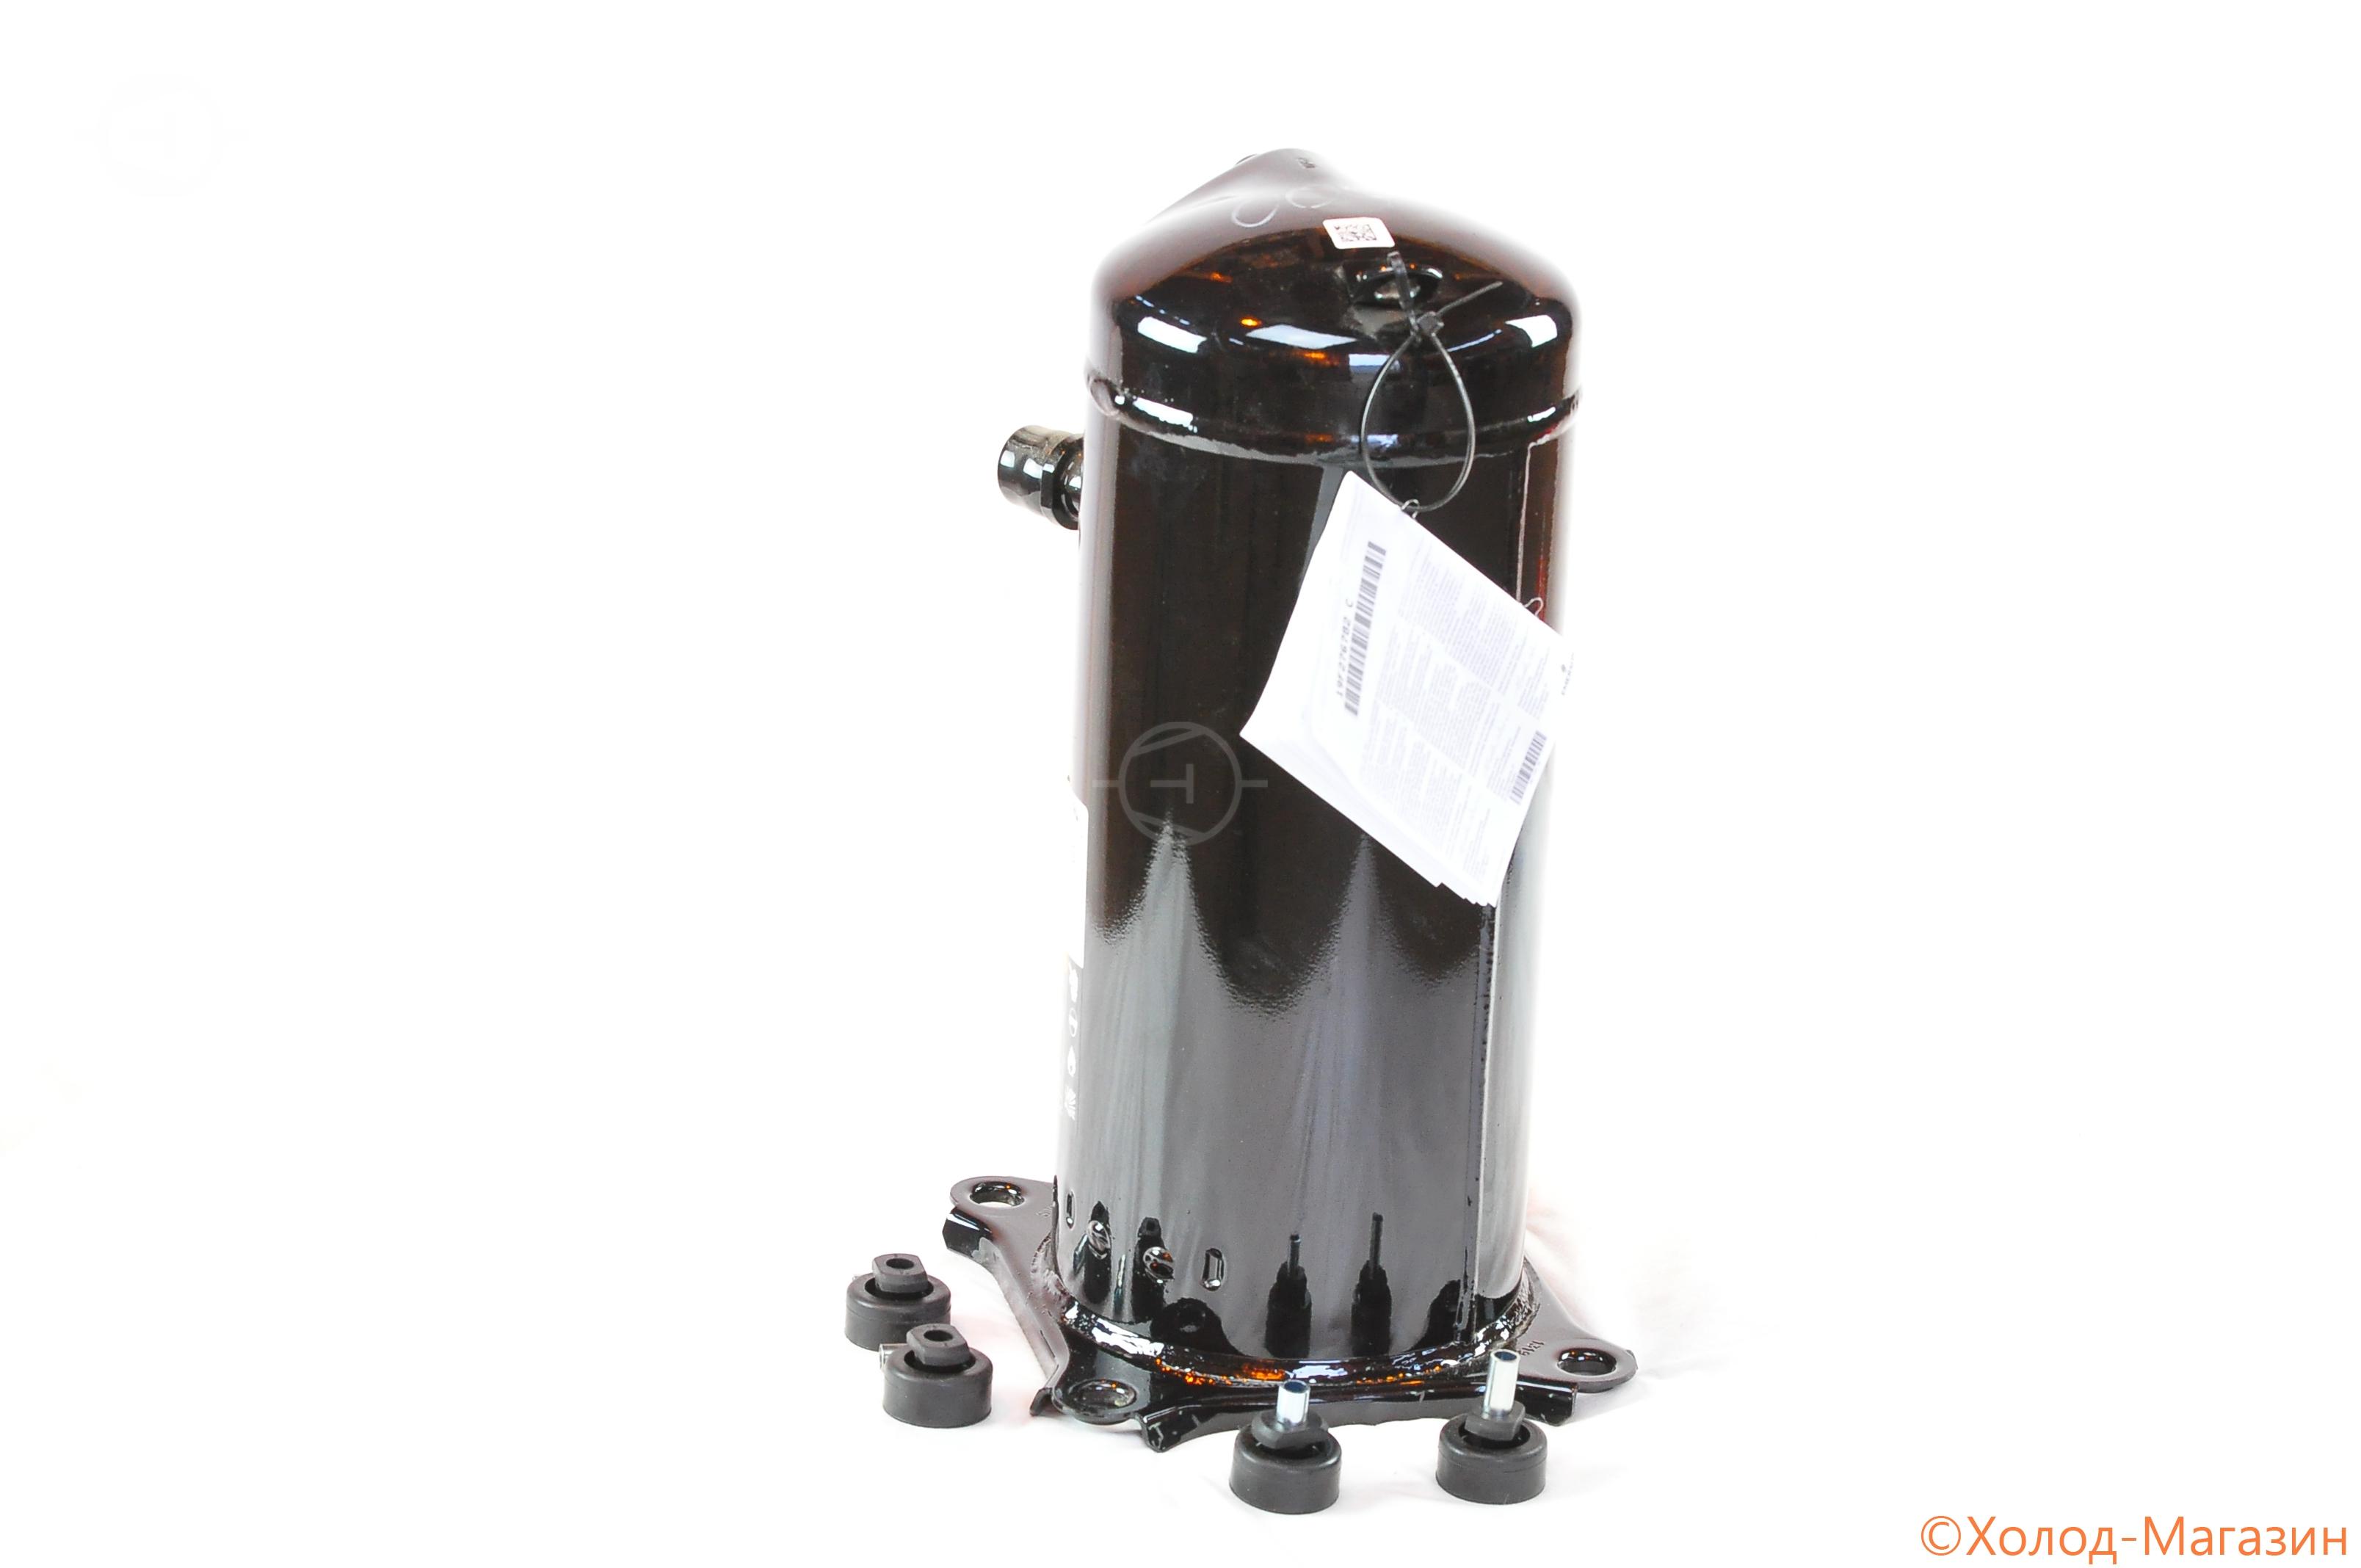 Компрессор спиральный ZB 45 KCE-TFD-551 Copeland, Emerson